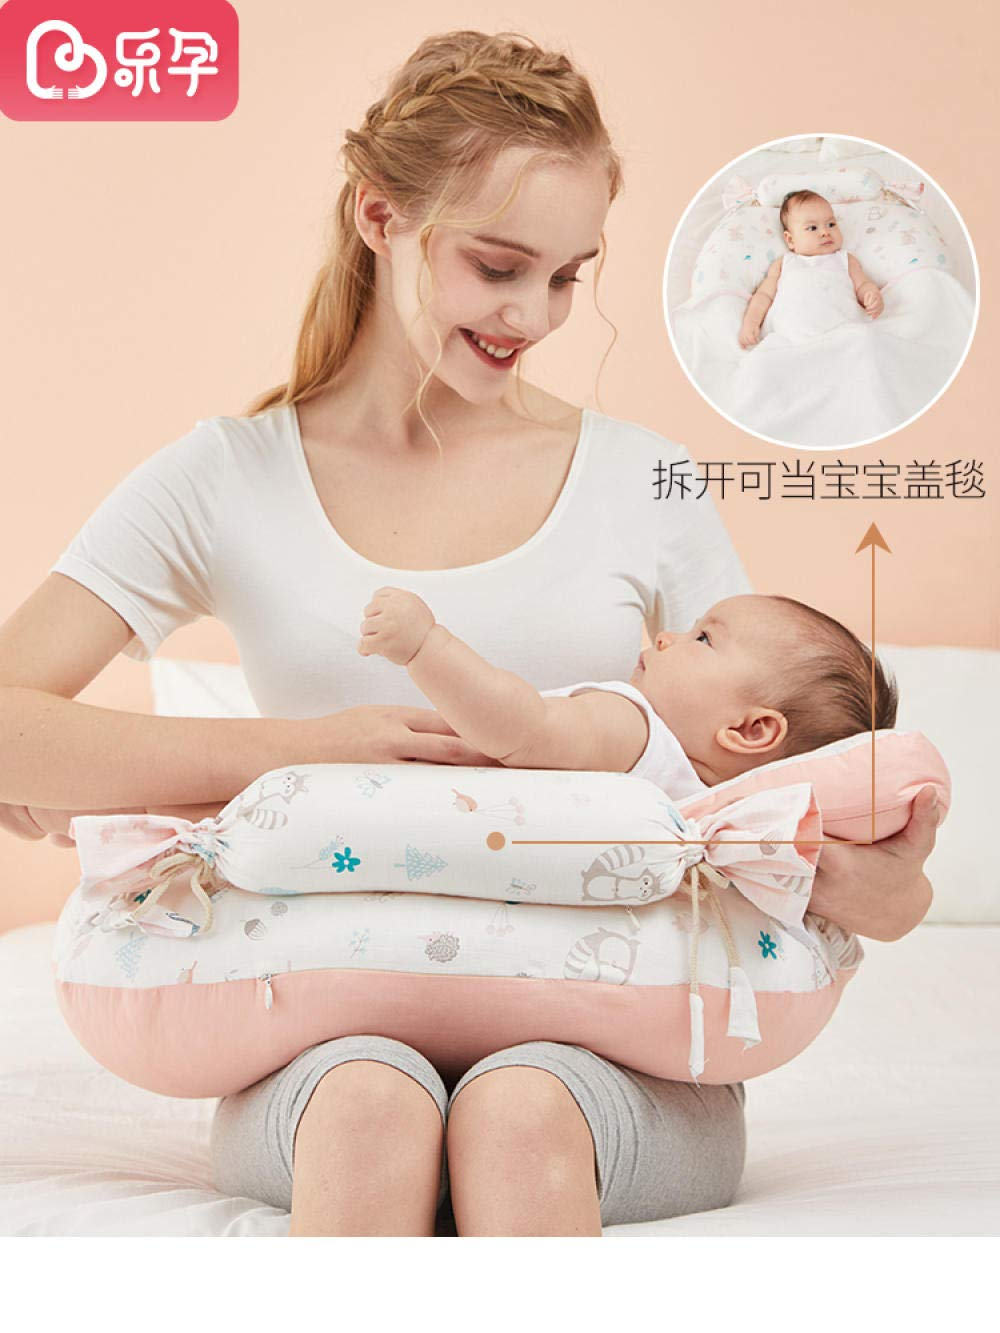 Almohada de lactancia de artefacto de alimentaci/ón almohada de alimentaci/ón cintur/ón de cintura que sostiene la cruz de artefacto de beb/é almohada de lactancia materna perezosa de beb/é 2019 nuevo